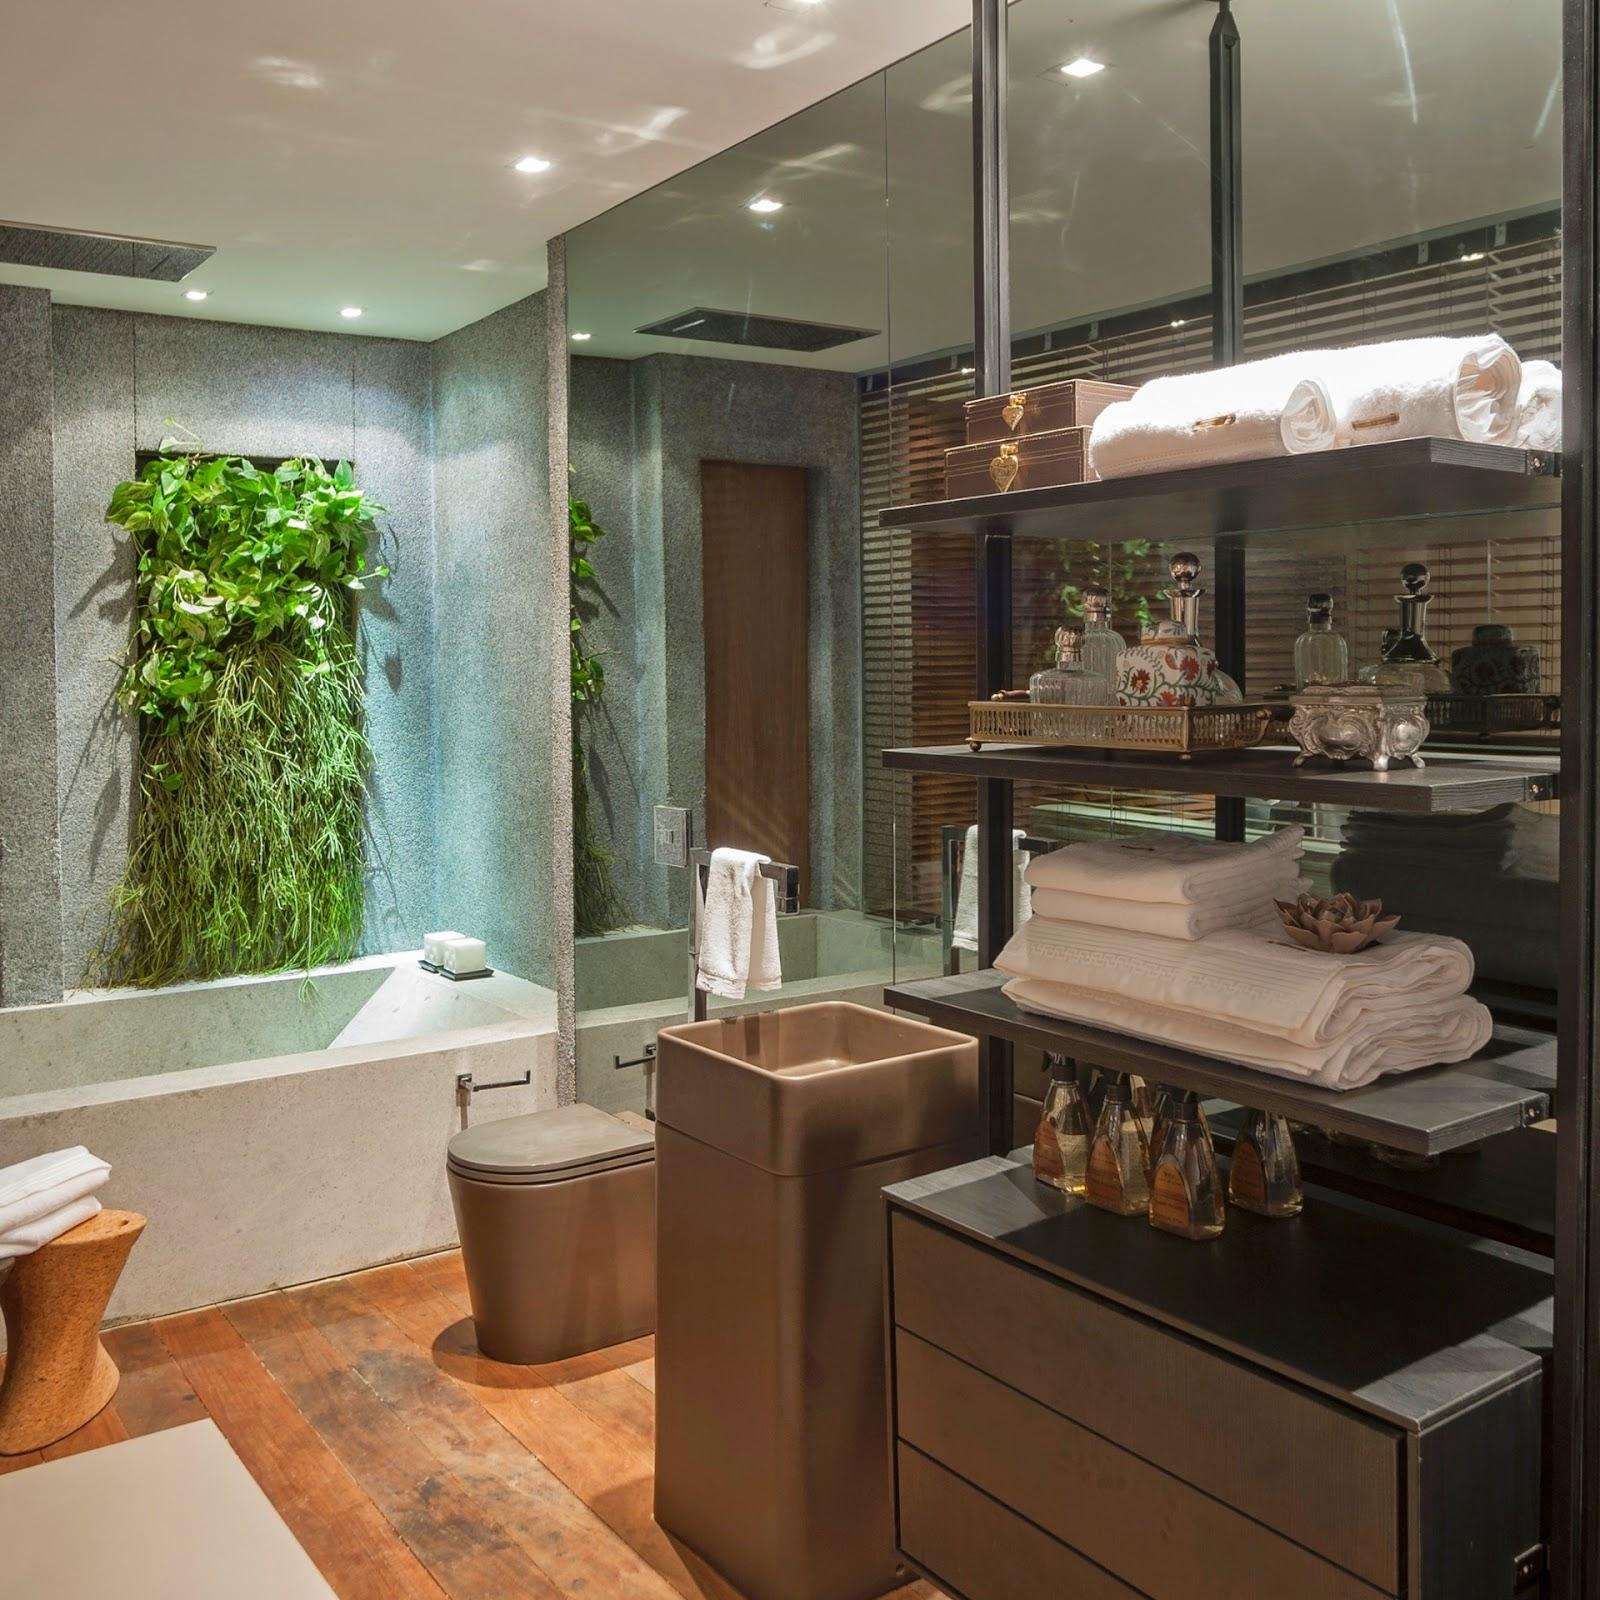 imagens sobre cubas de piso no Pinterest Pesquisa Banheiros e Cuba #496522 1600x1600 Arquitetura Banheiro Pequeno